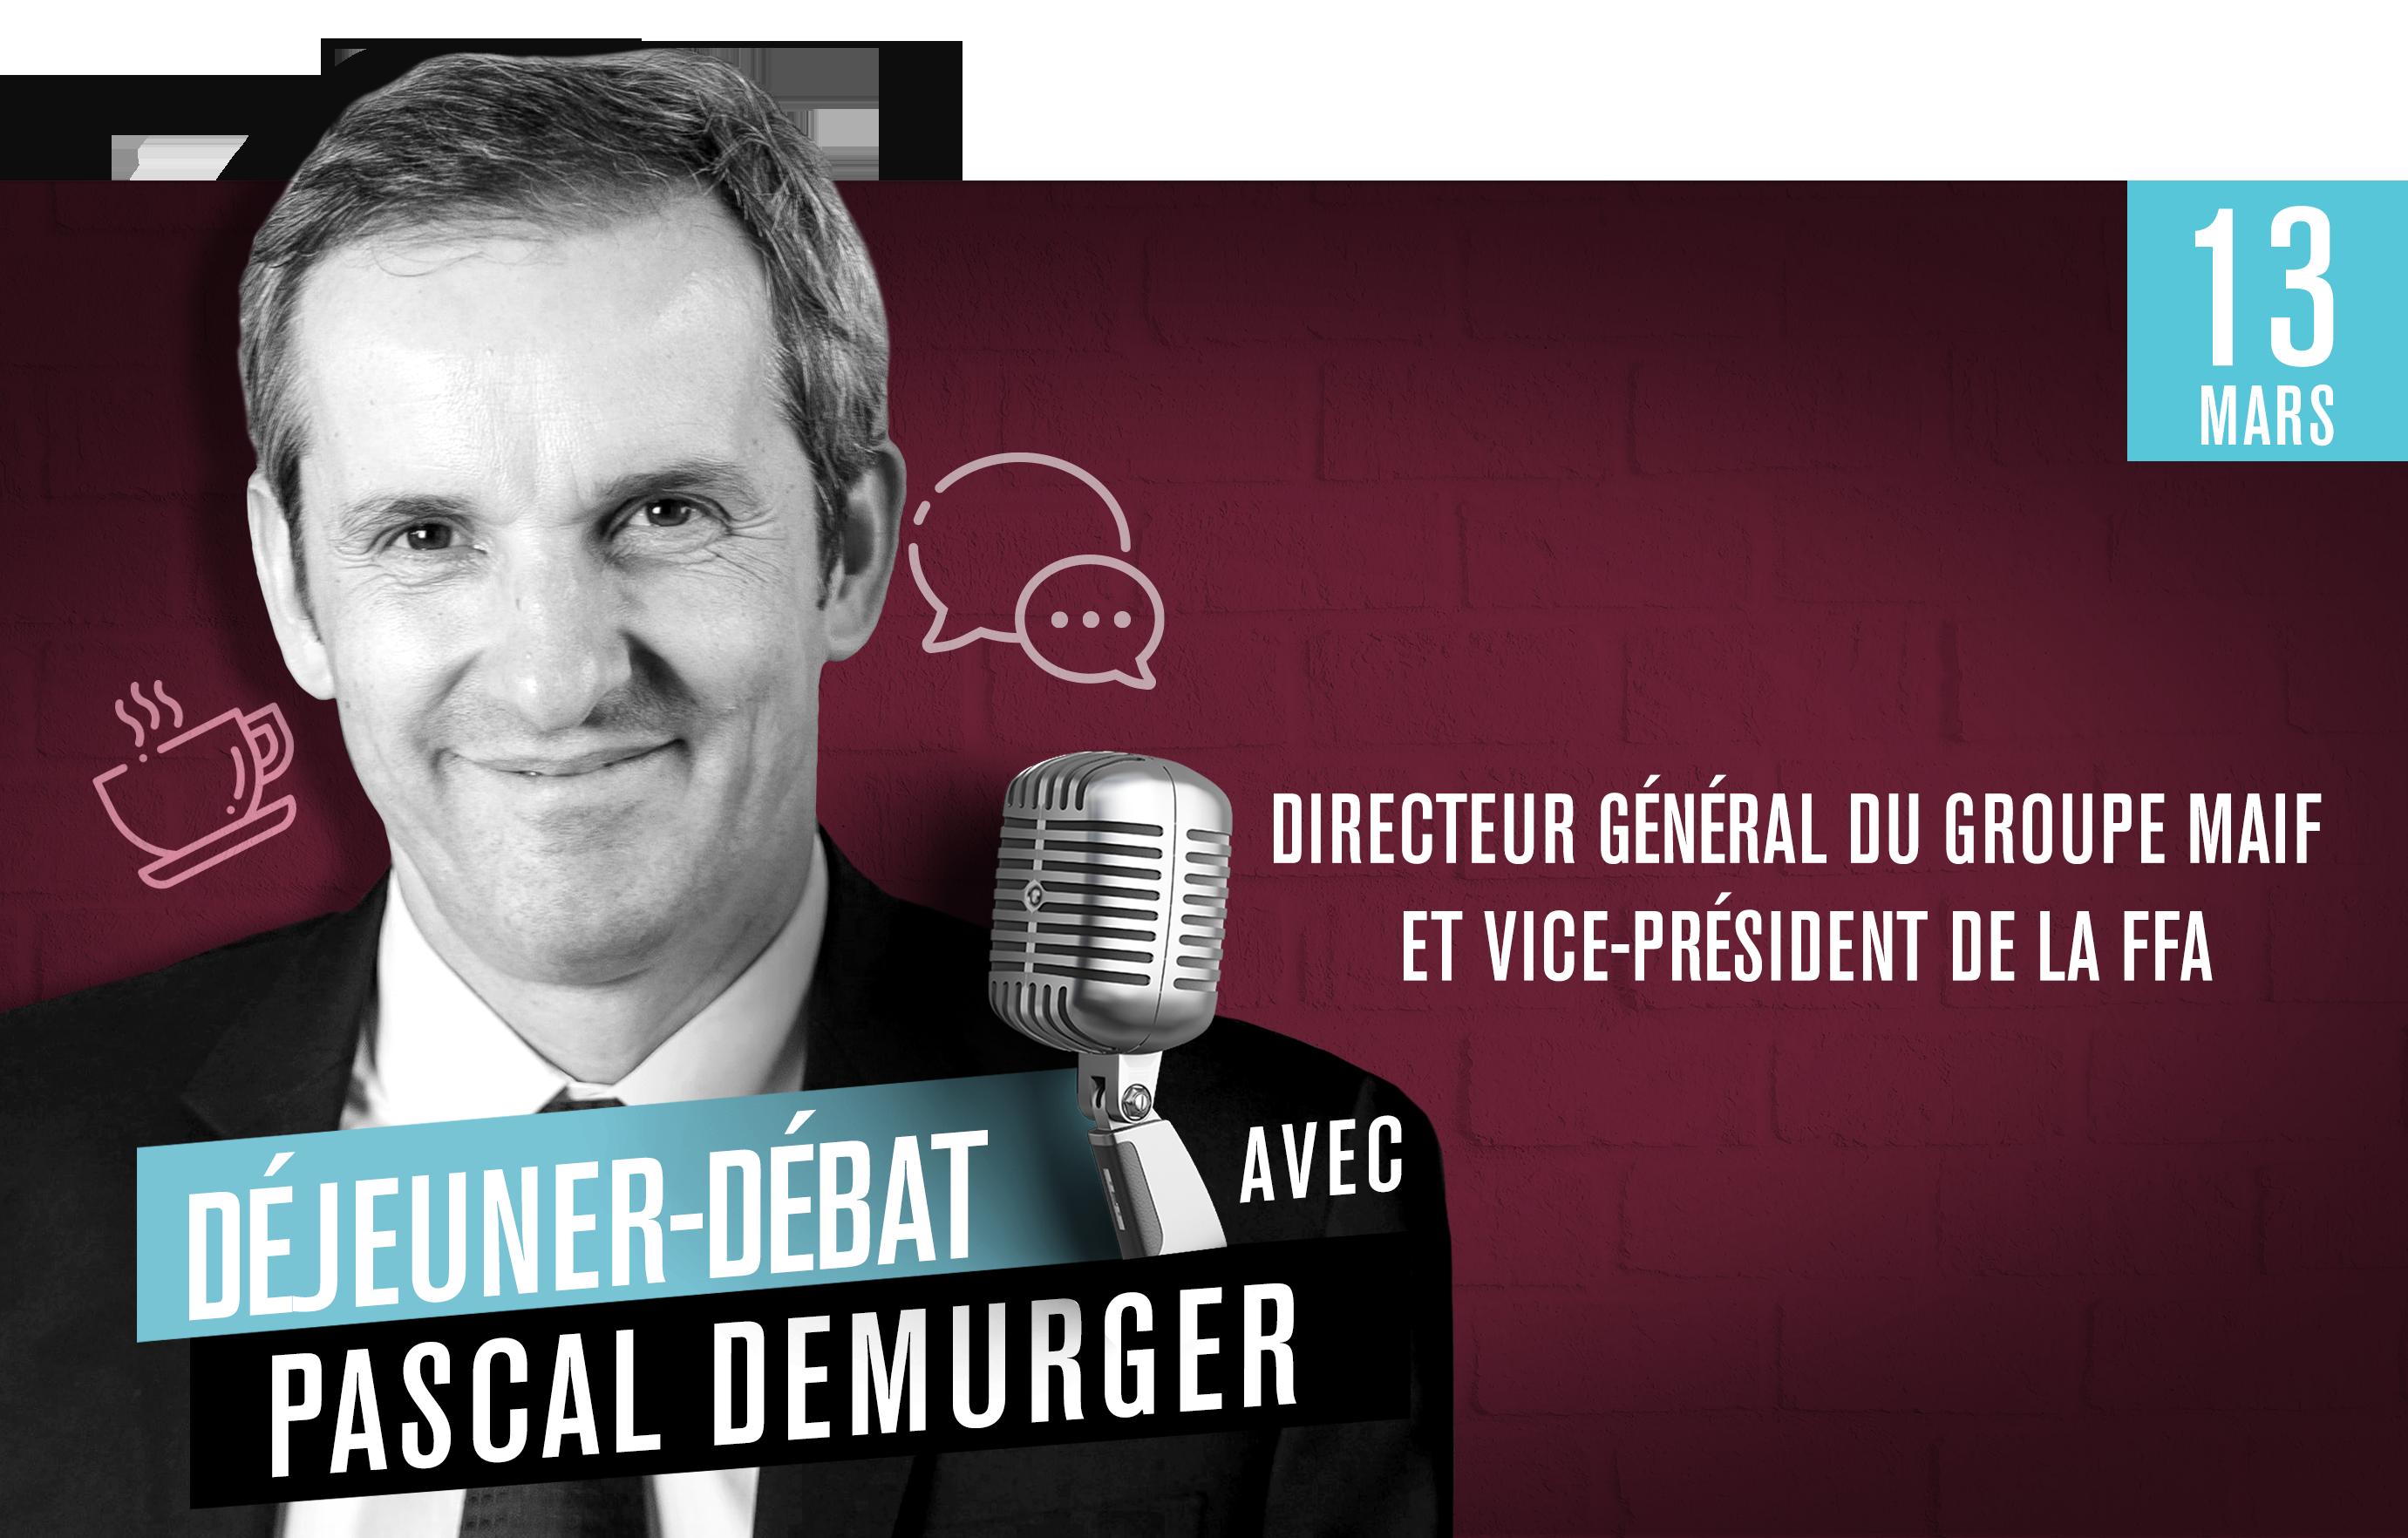 Déjeuner Débat avec Pascal Demurger, directeur général du groupe MAIF et vice-président de la FFA